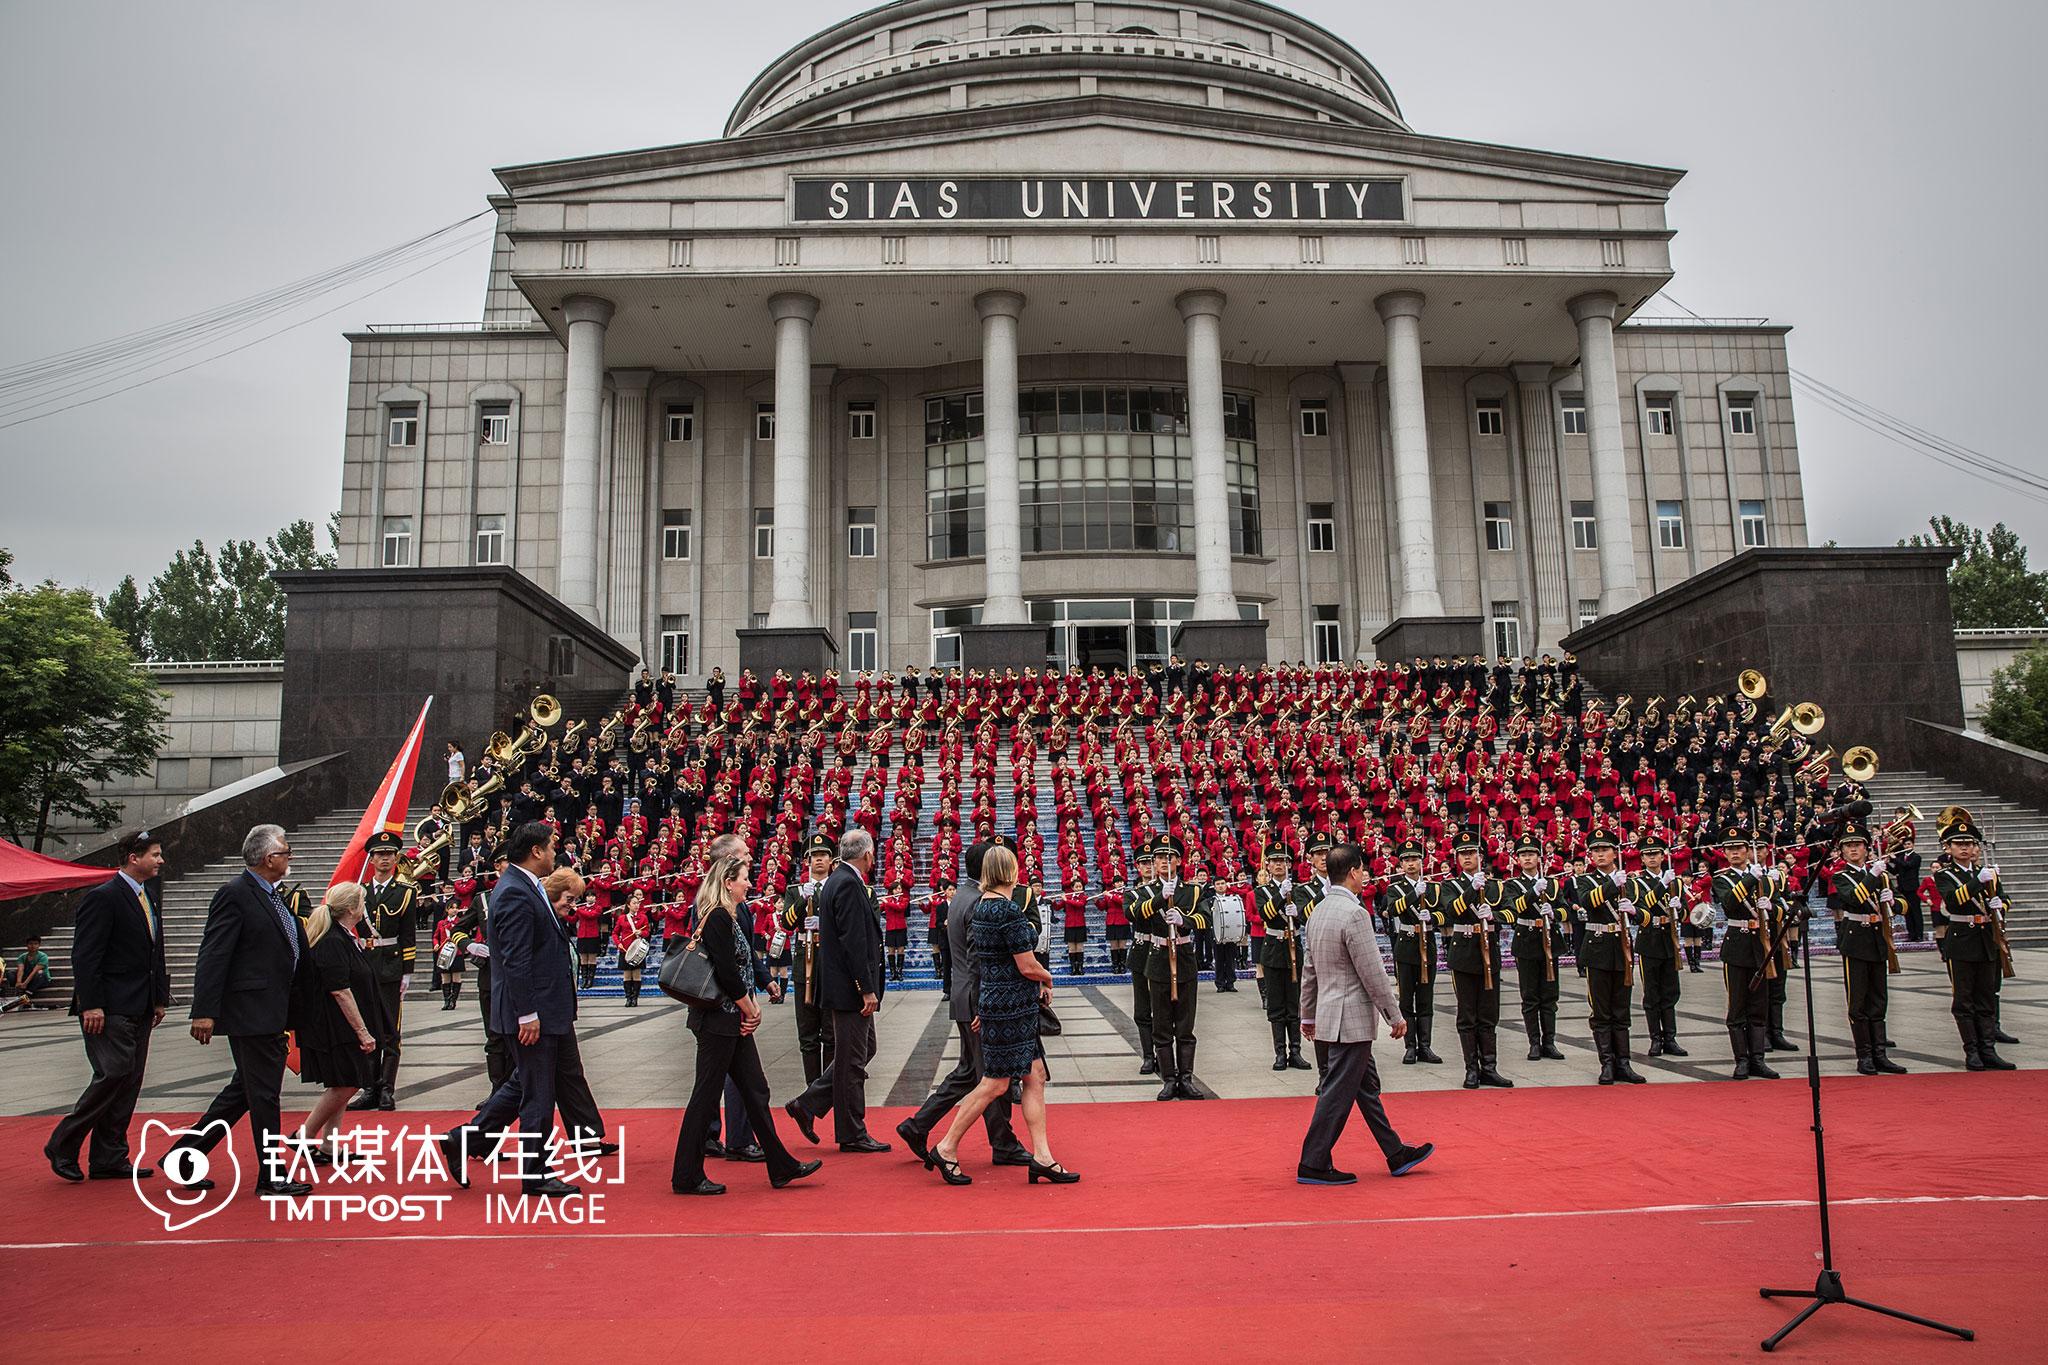 欢迎仪式上,学校的仪仗队、交响乐团全部出动,还进行了队列检阅等。